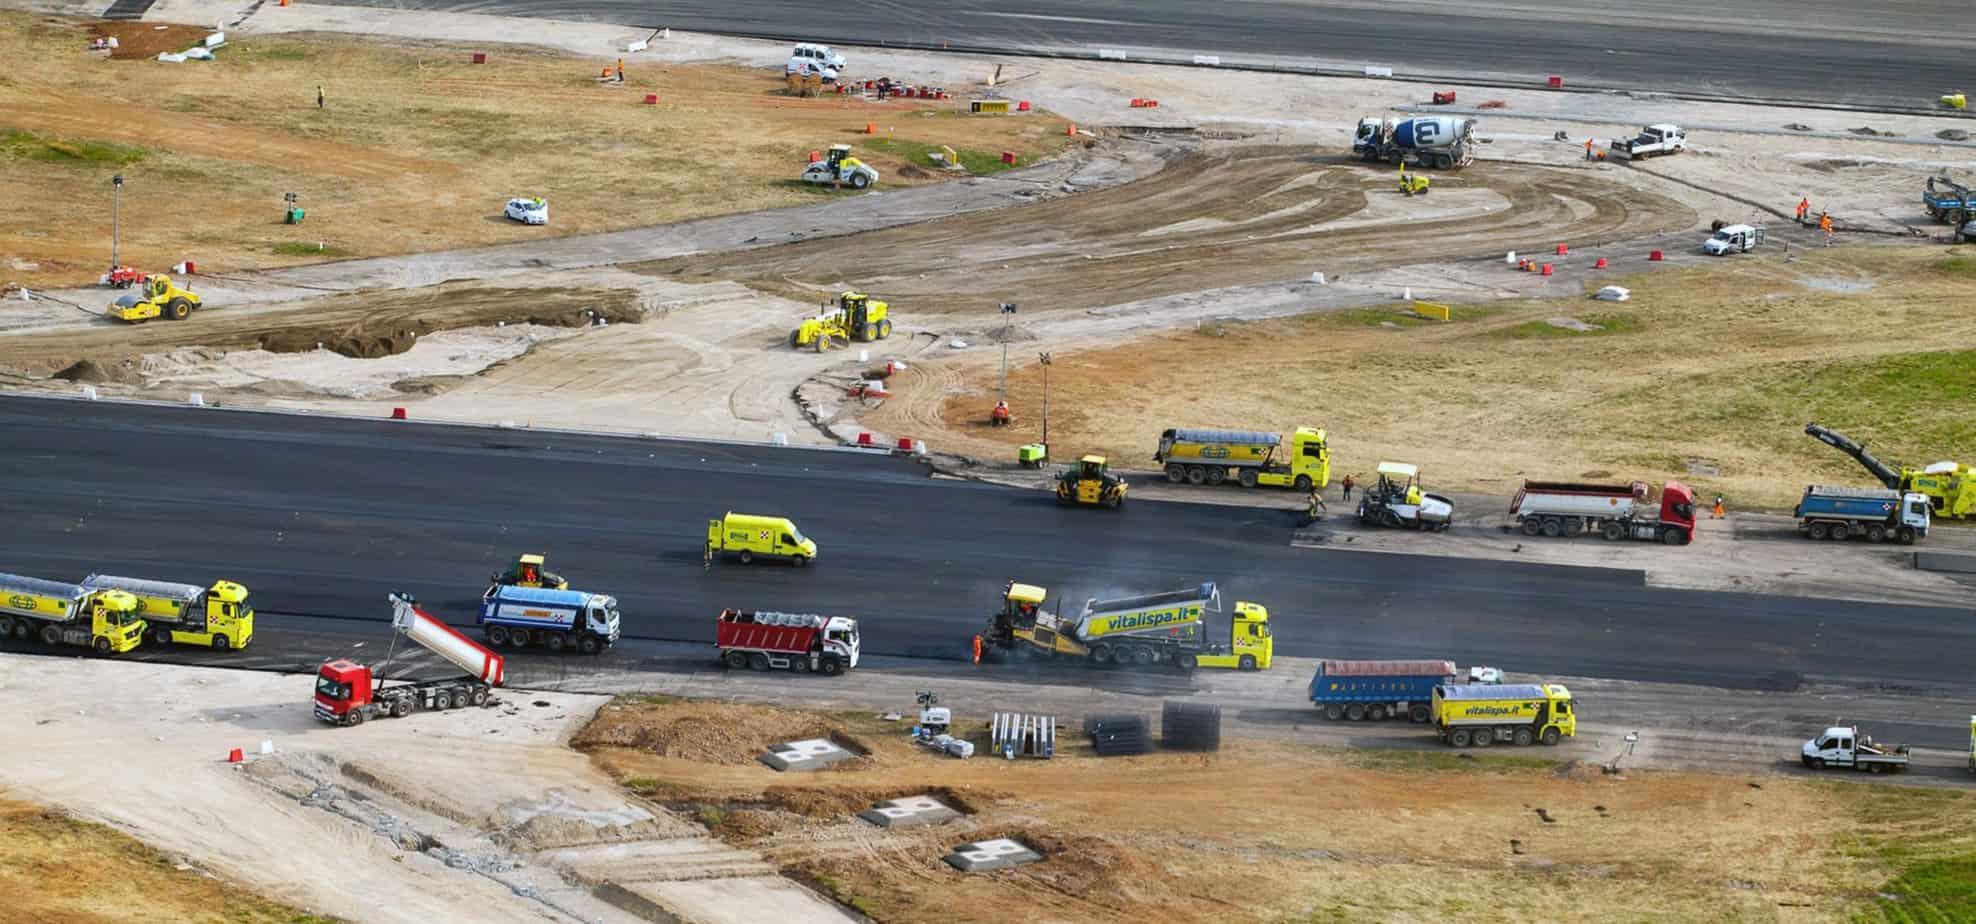 """Il rifacimento della pista dell'aeroporto """"Il Caravaggio"""" ha richiesto uno sforzo organizzativo di alto livello per coordinare i 600 mezzi all'opera e le 300 persone attive per ogni turno di lavoro"""